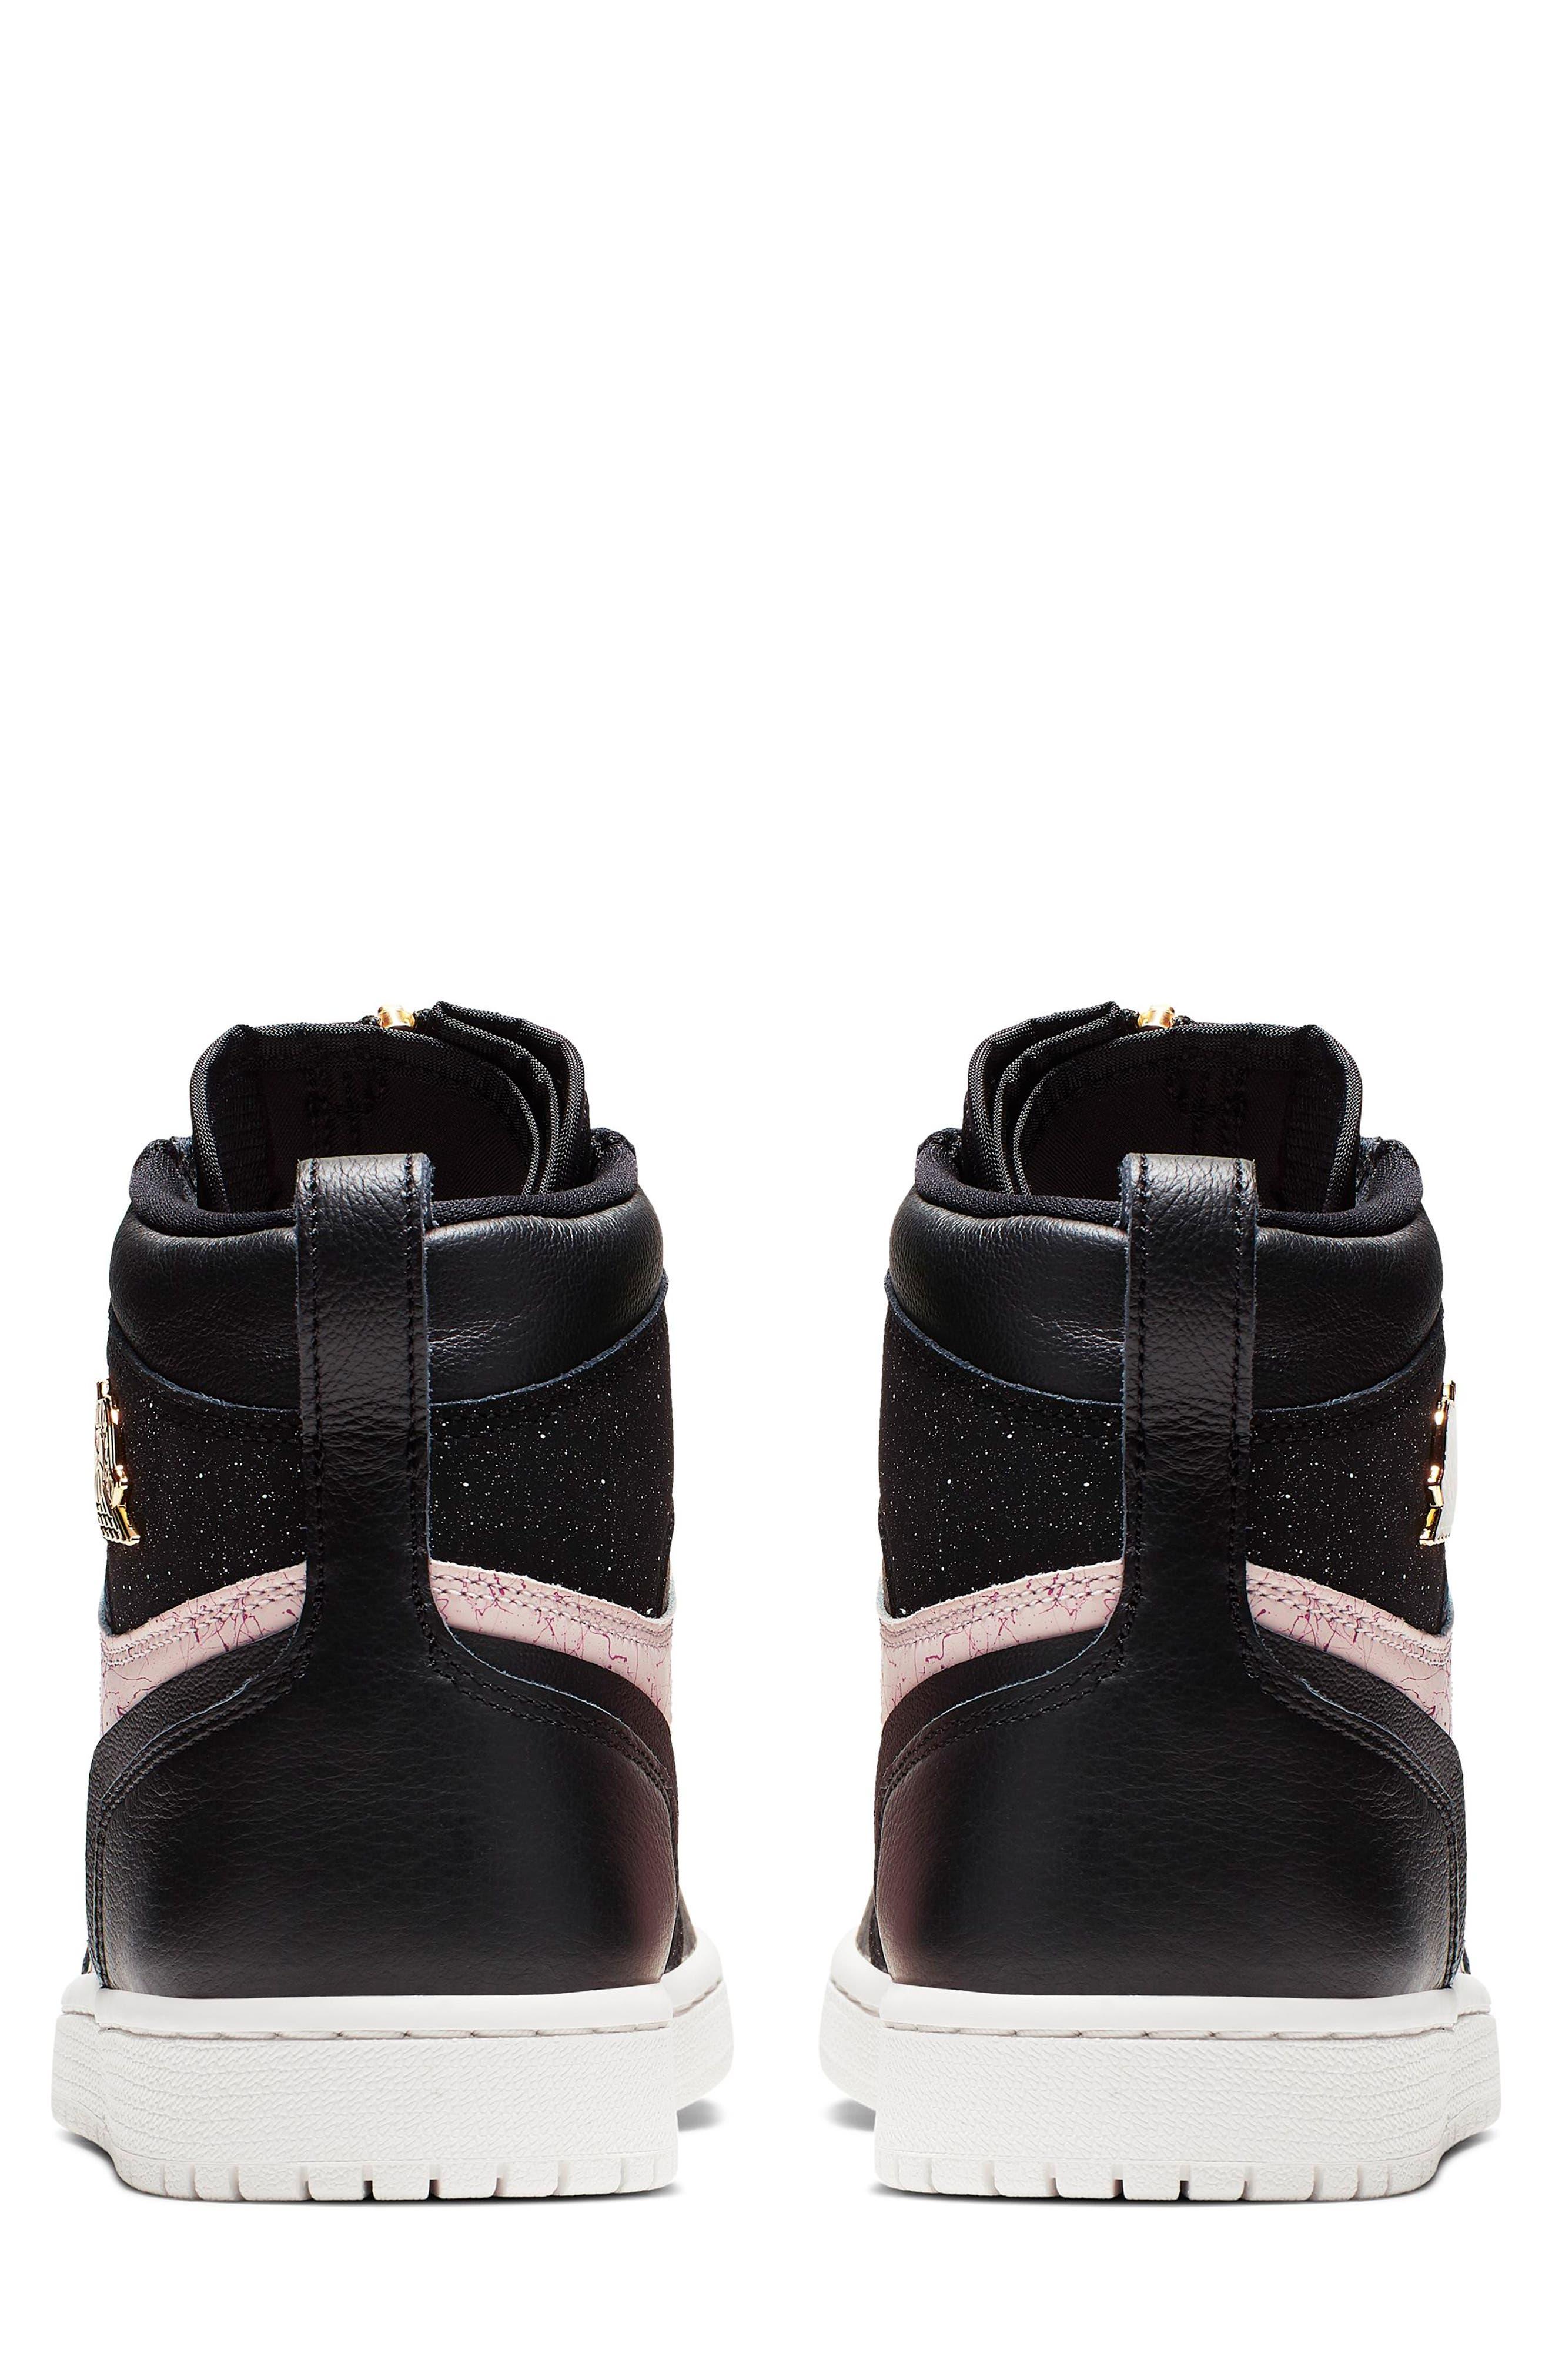 NIKE, Air Jordan 1 Zip High Top Sneakers, Alternate thumbnail 2, color, BLACK/ GOLD/ PHANTOM/ RED